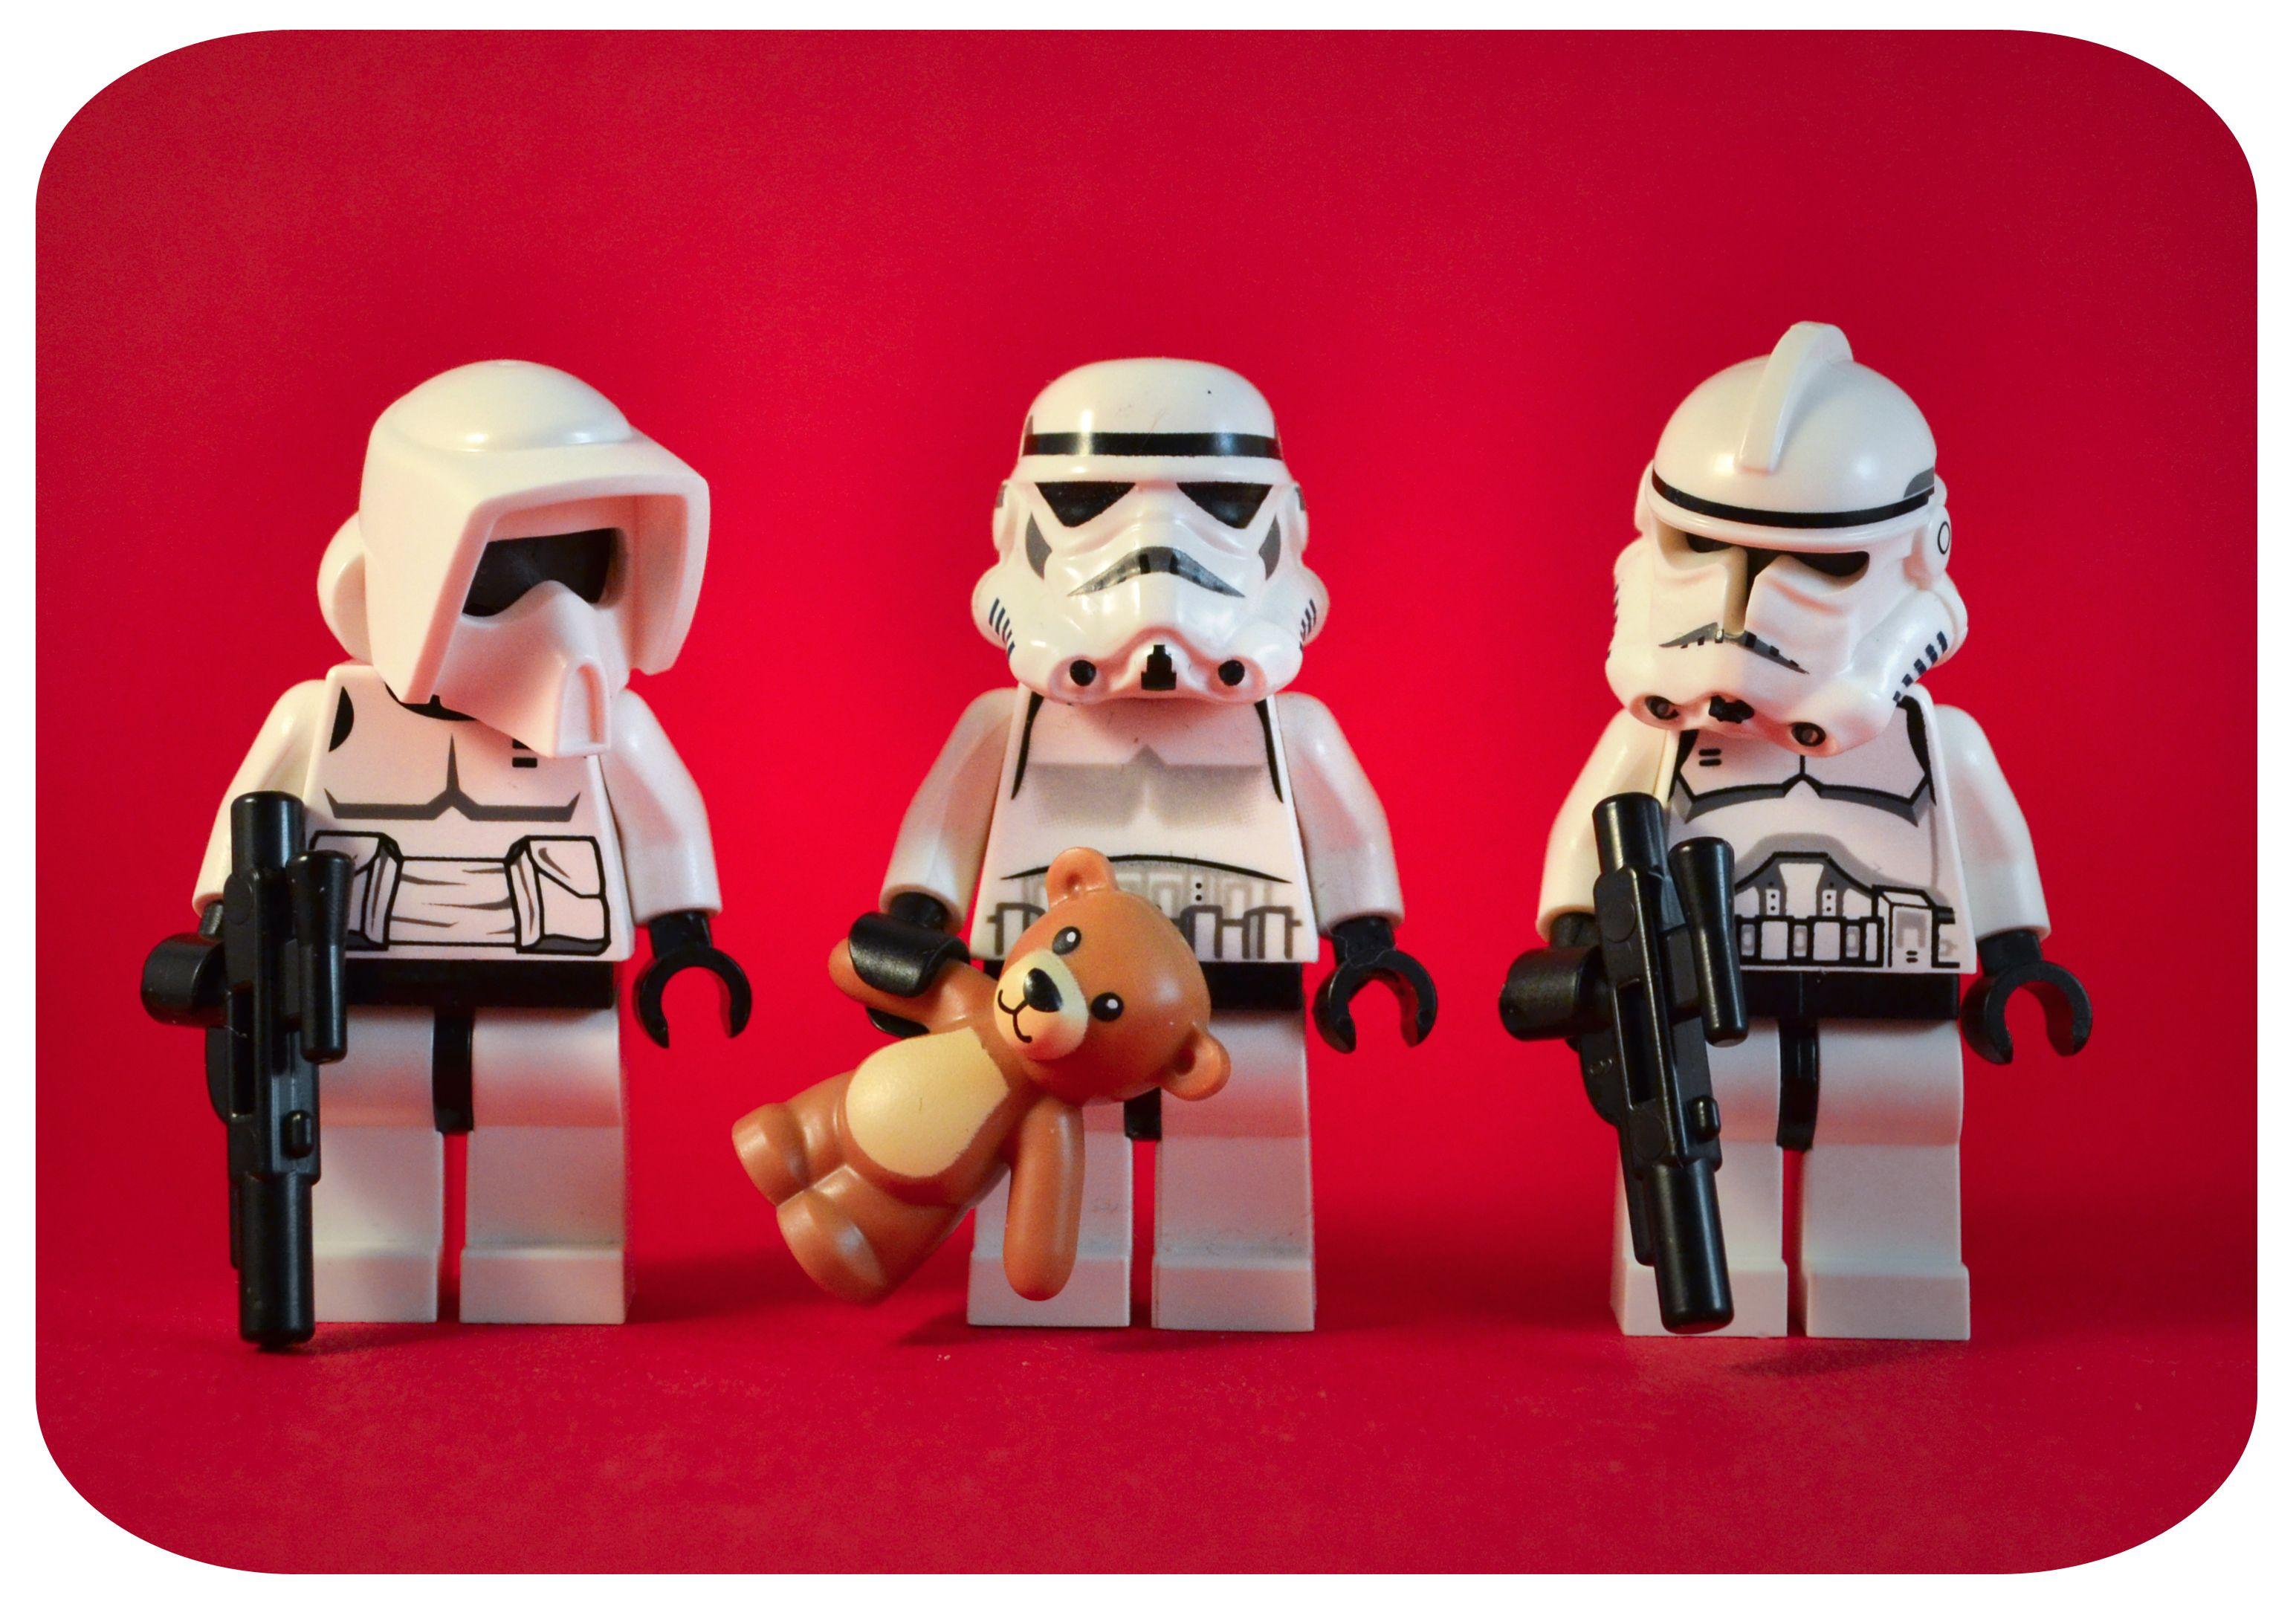 star wars lego stormtrooper and lego pinterest verschiedenes und kinderzimmer. Black Bedroom Furniture Sets. Home Design Ideas